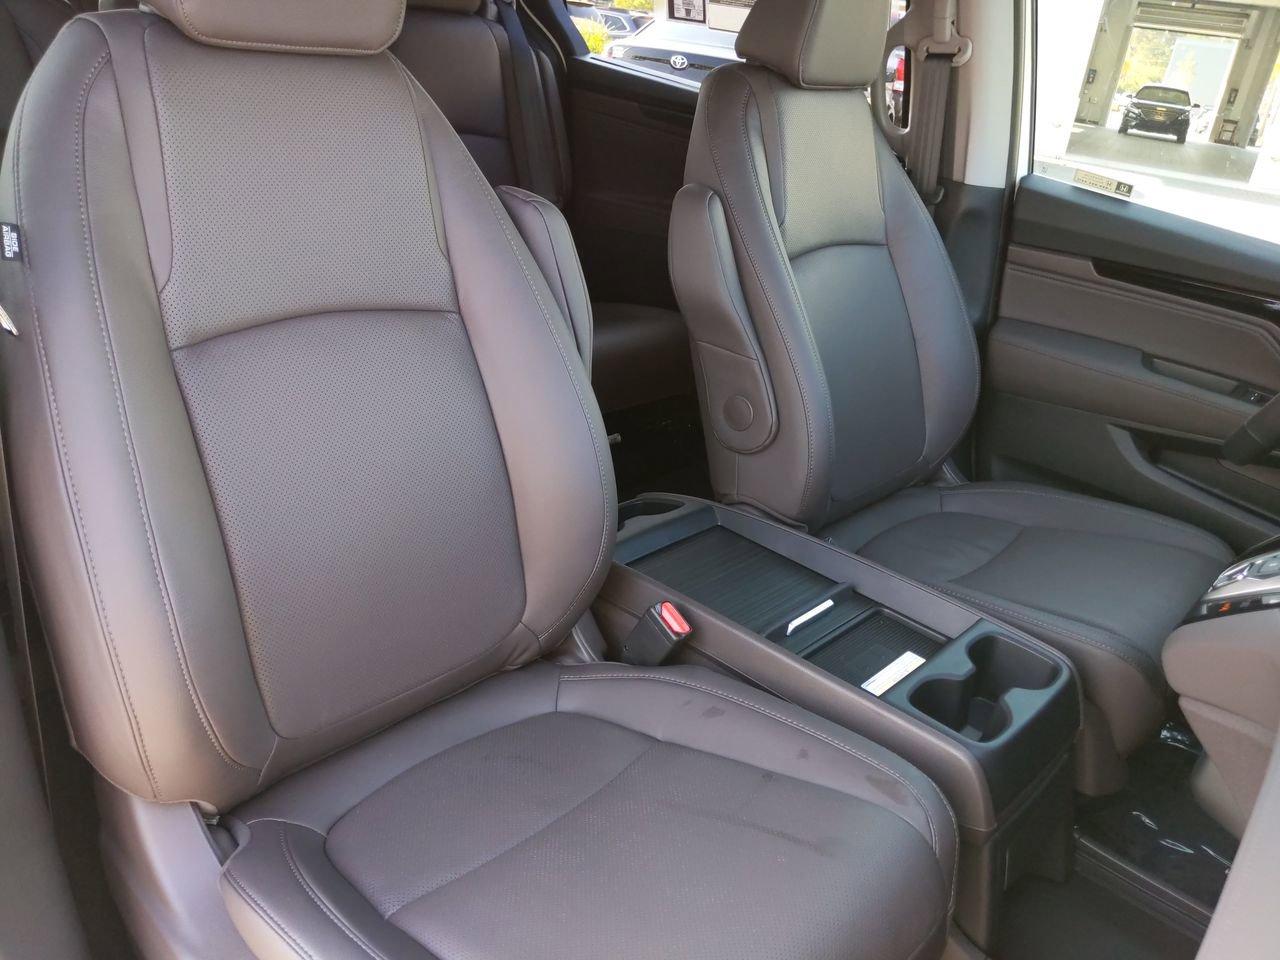 New 2020 Honda Odyssey Elite